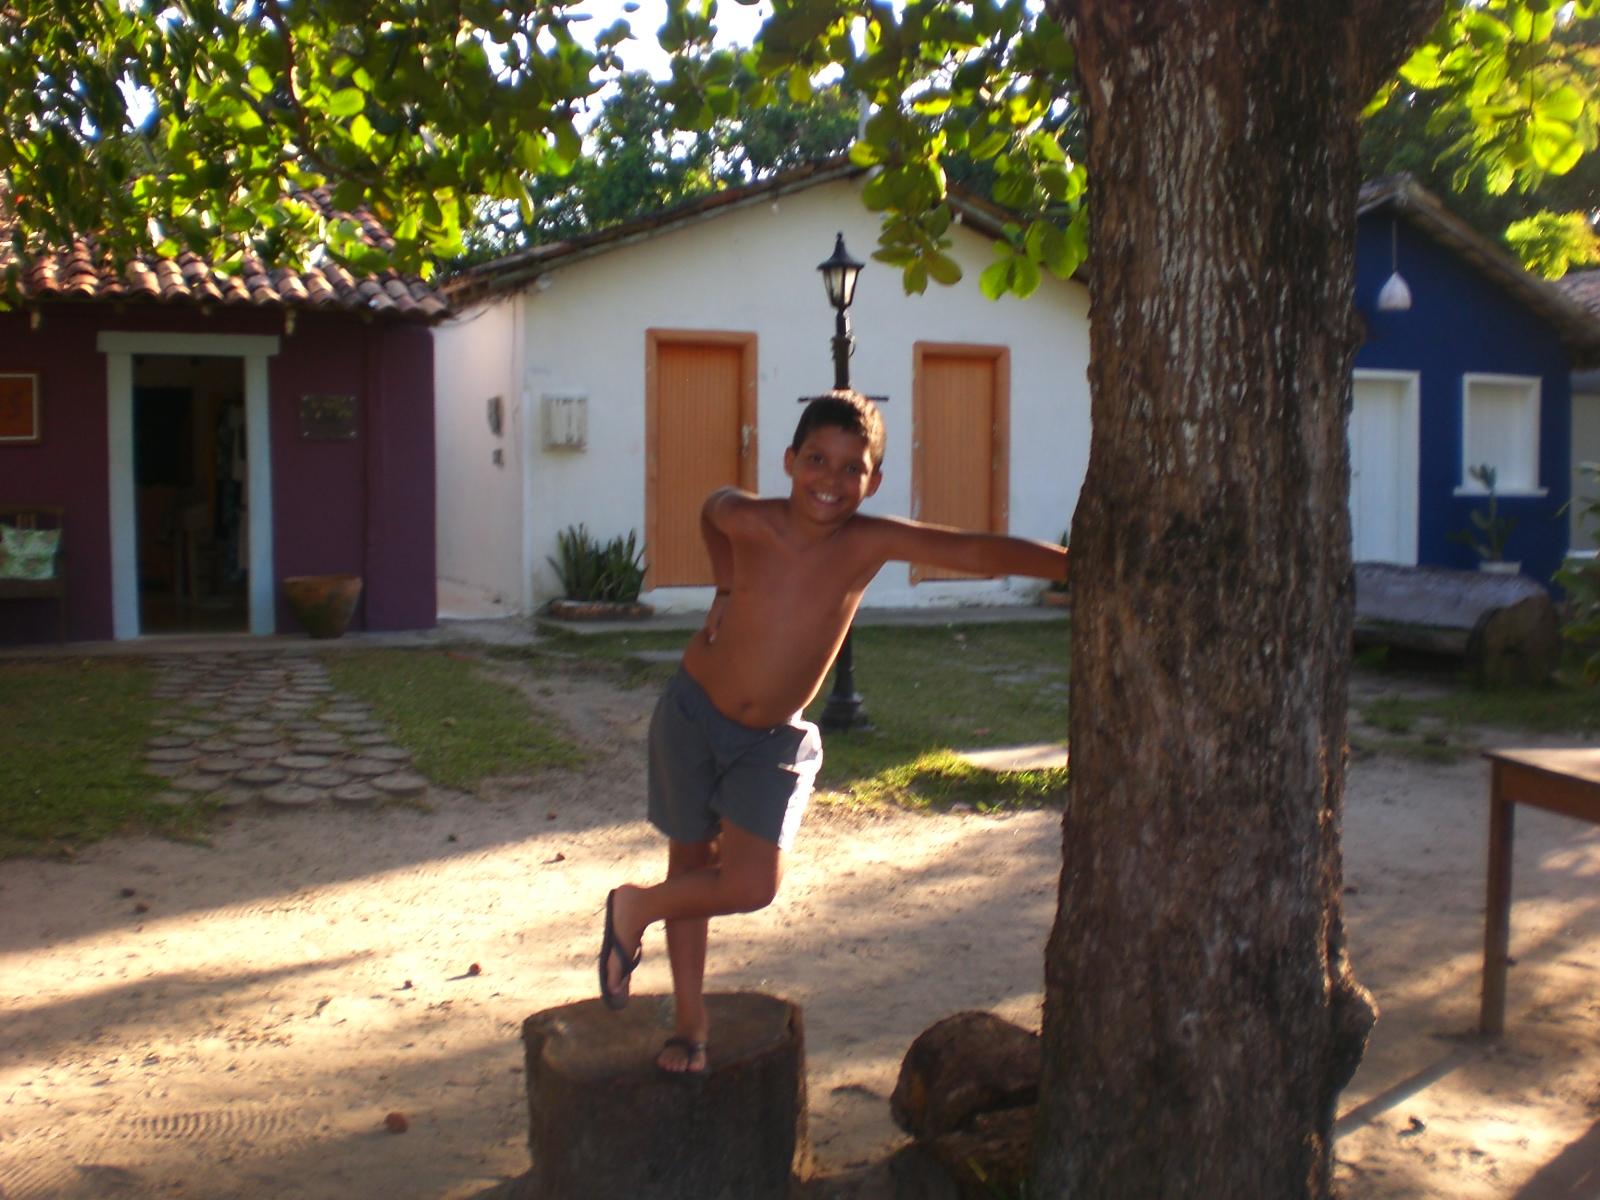 #B0B813 Trancoso é um povoado pertencente ao município de Porto Seguro  1600x1200 px sonhar banheiro grande